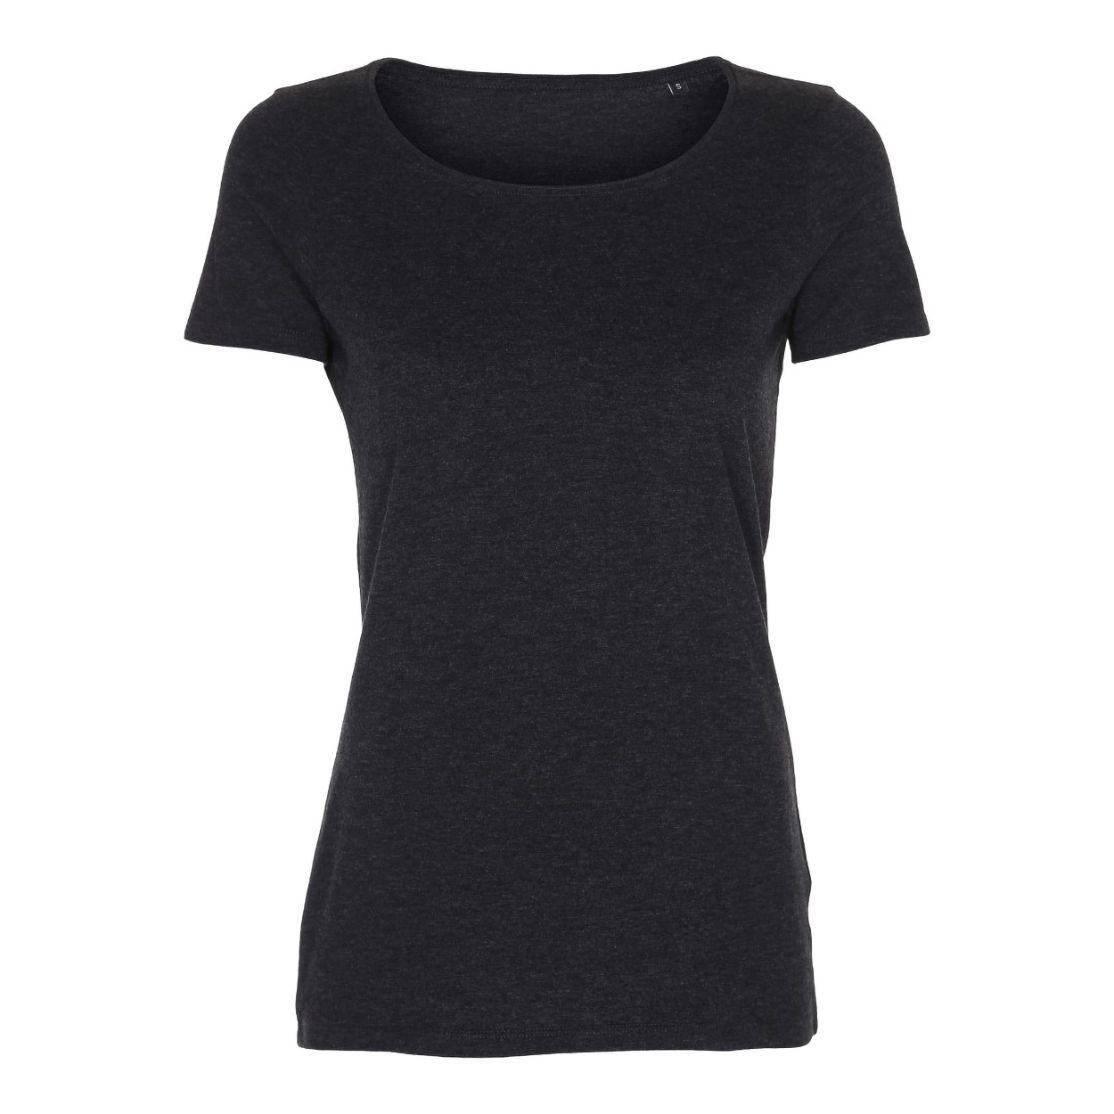 Billede af Bæredygtig dame t-shirt 165 g.